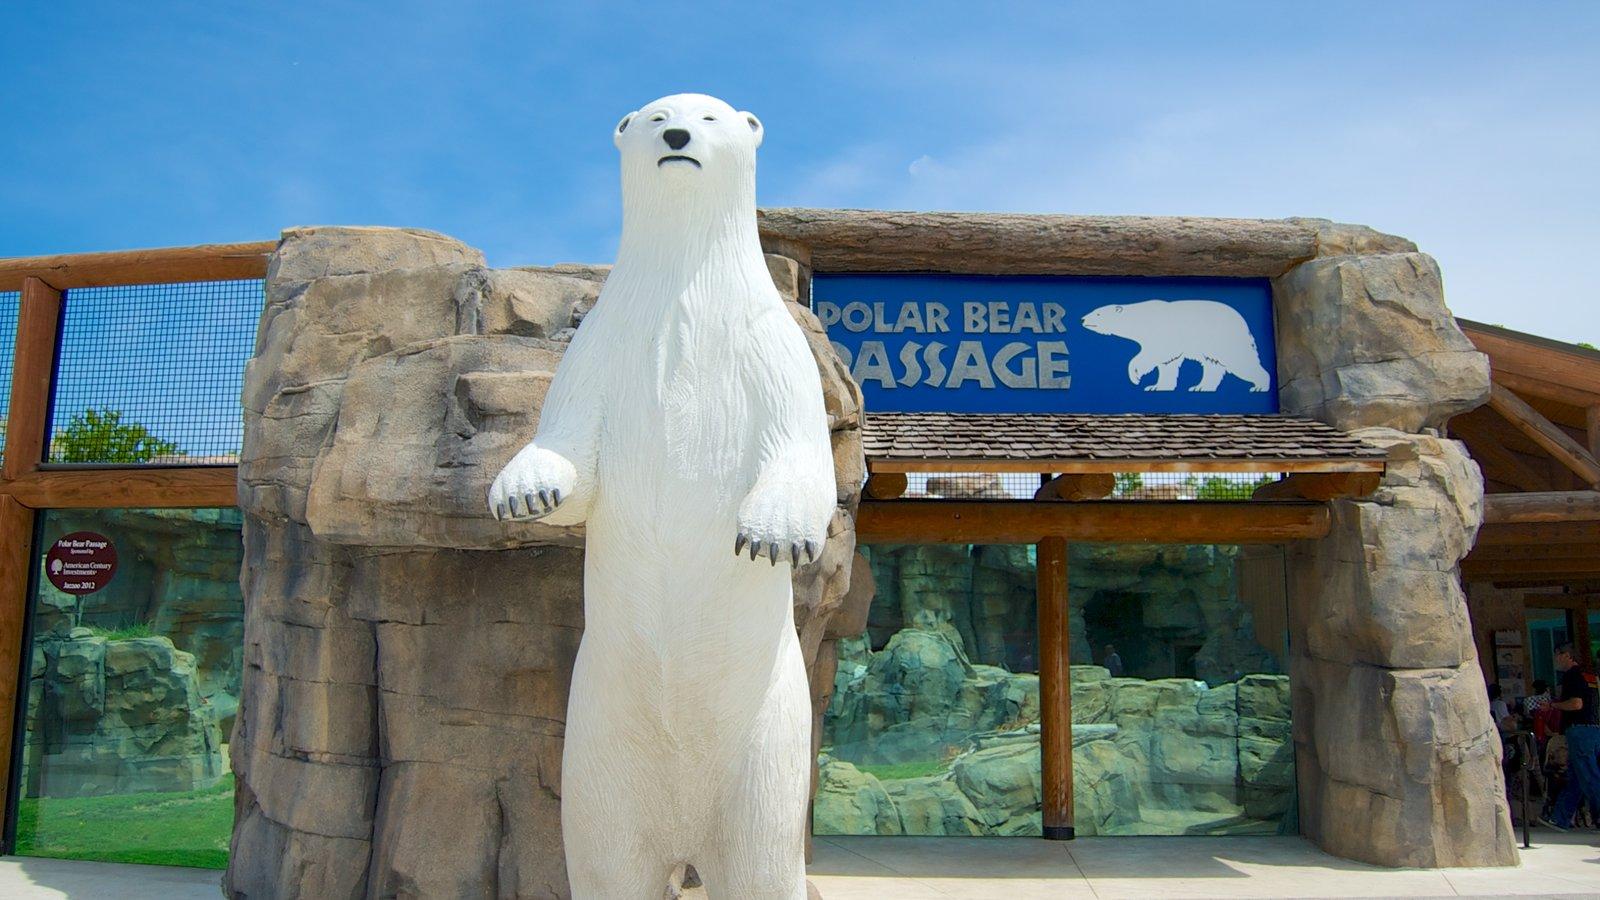 Kansas City Zoo que inclui sinalização e animais de zoológico